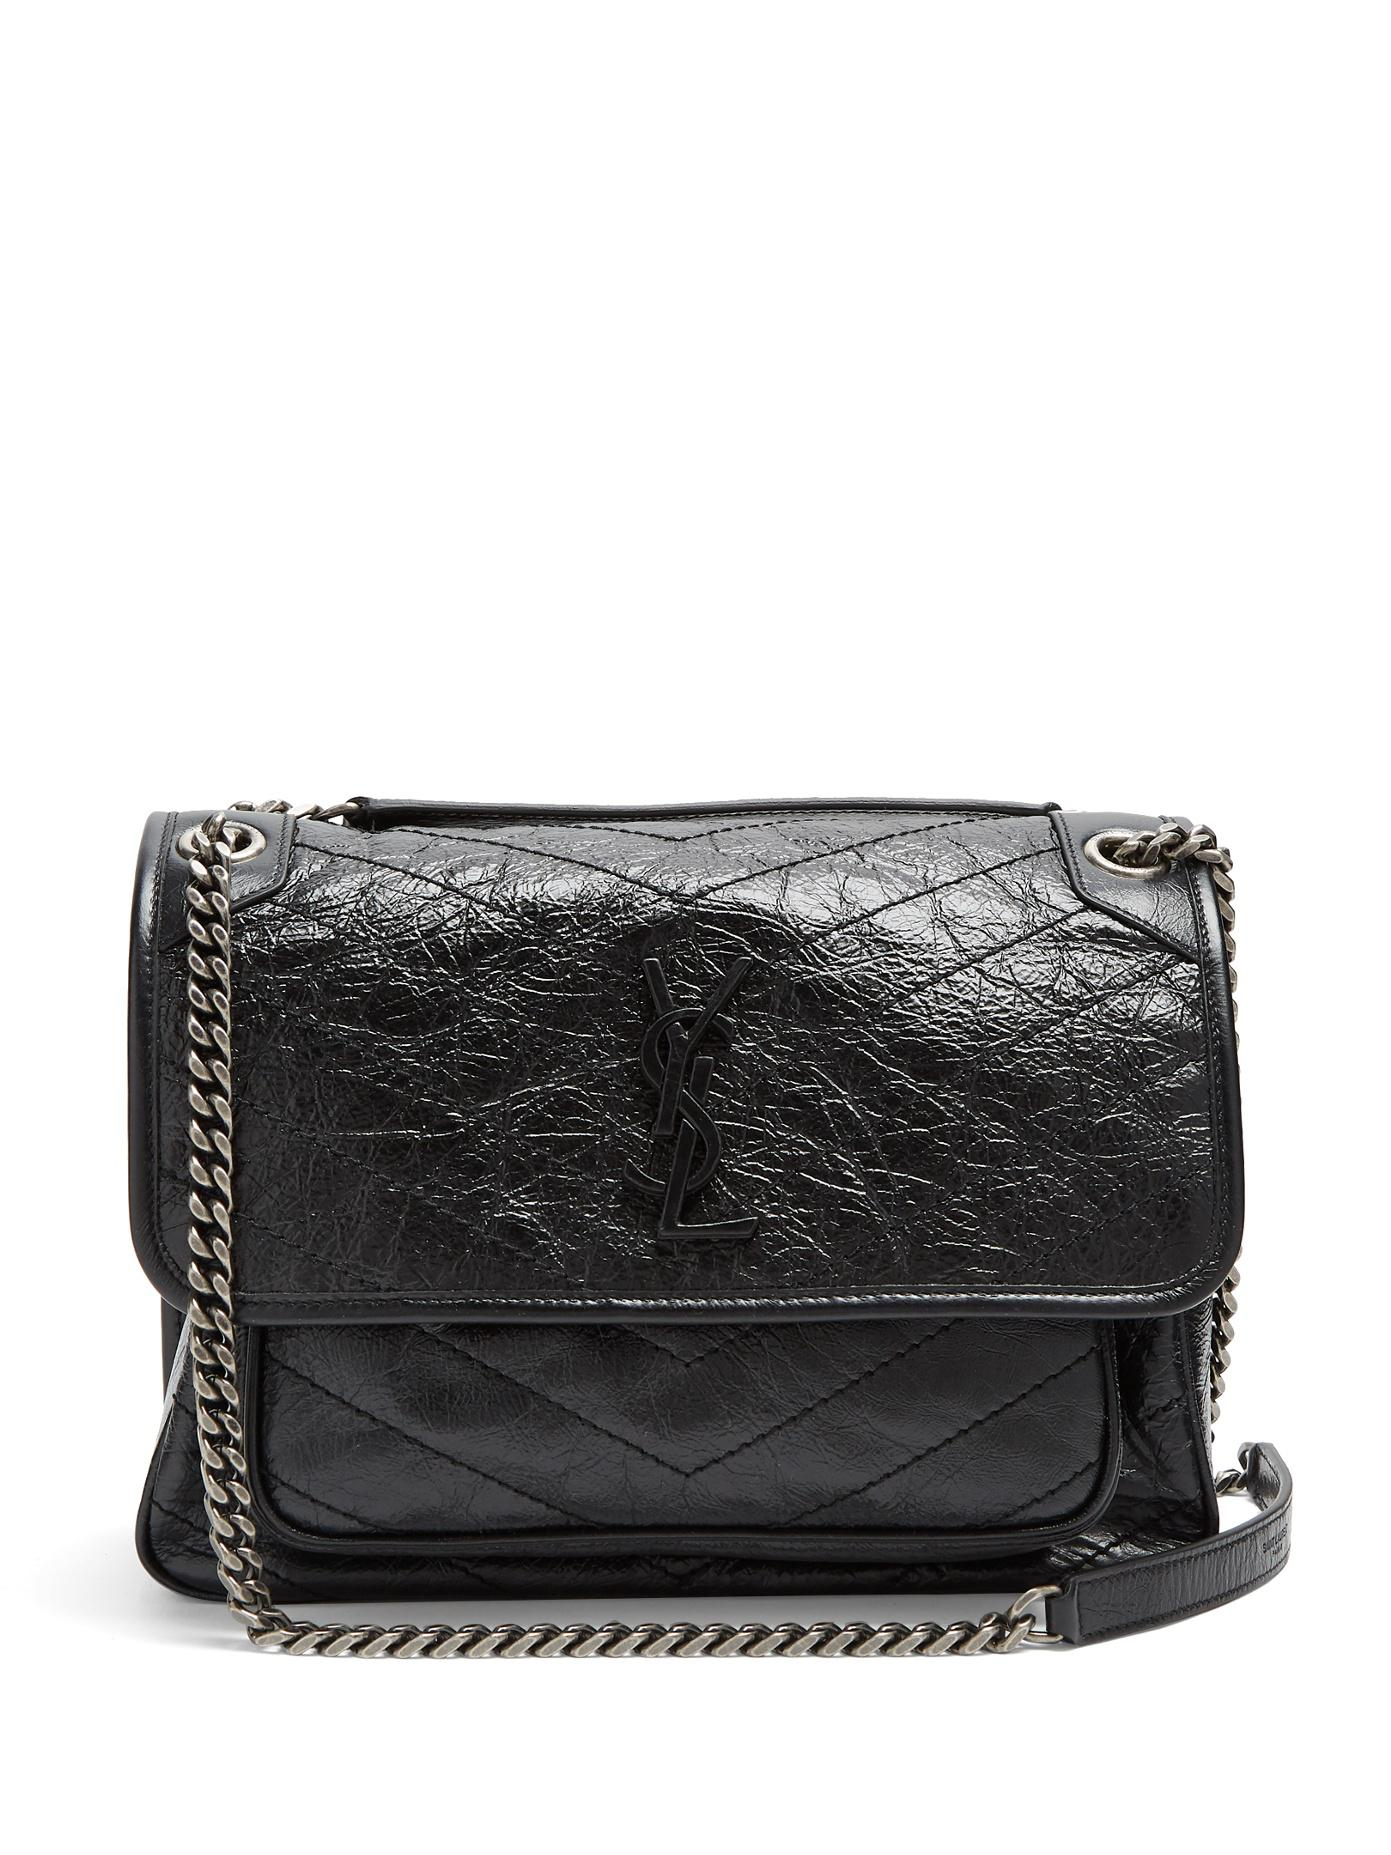 27adb6fe46 Lyst - Saint Laurent Niki Medium Quilted Leather Bag in Black